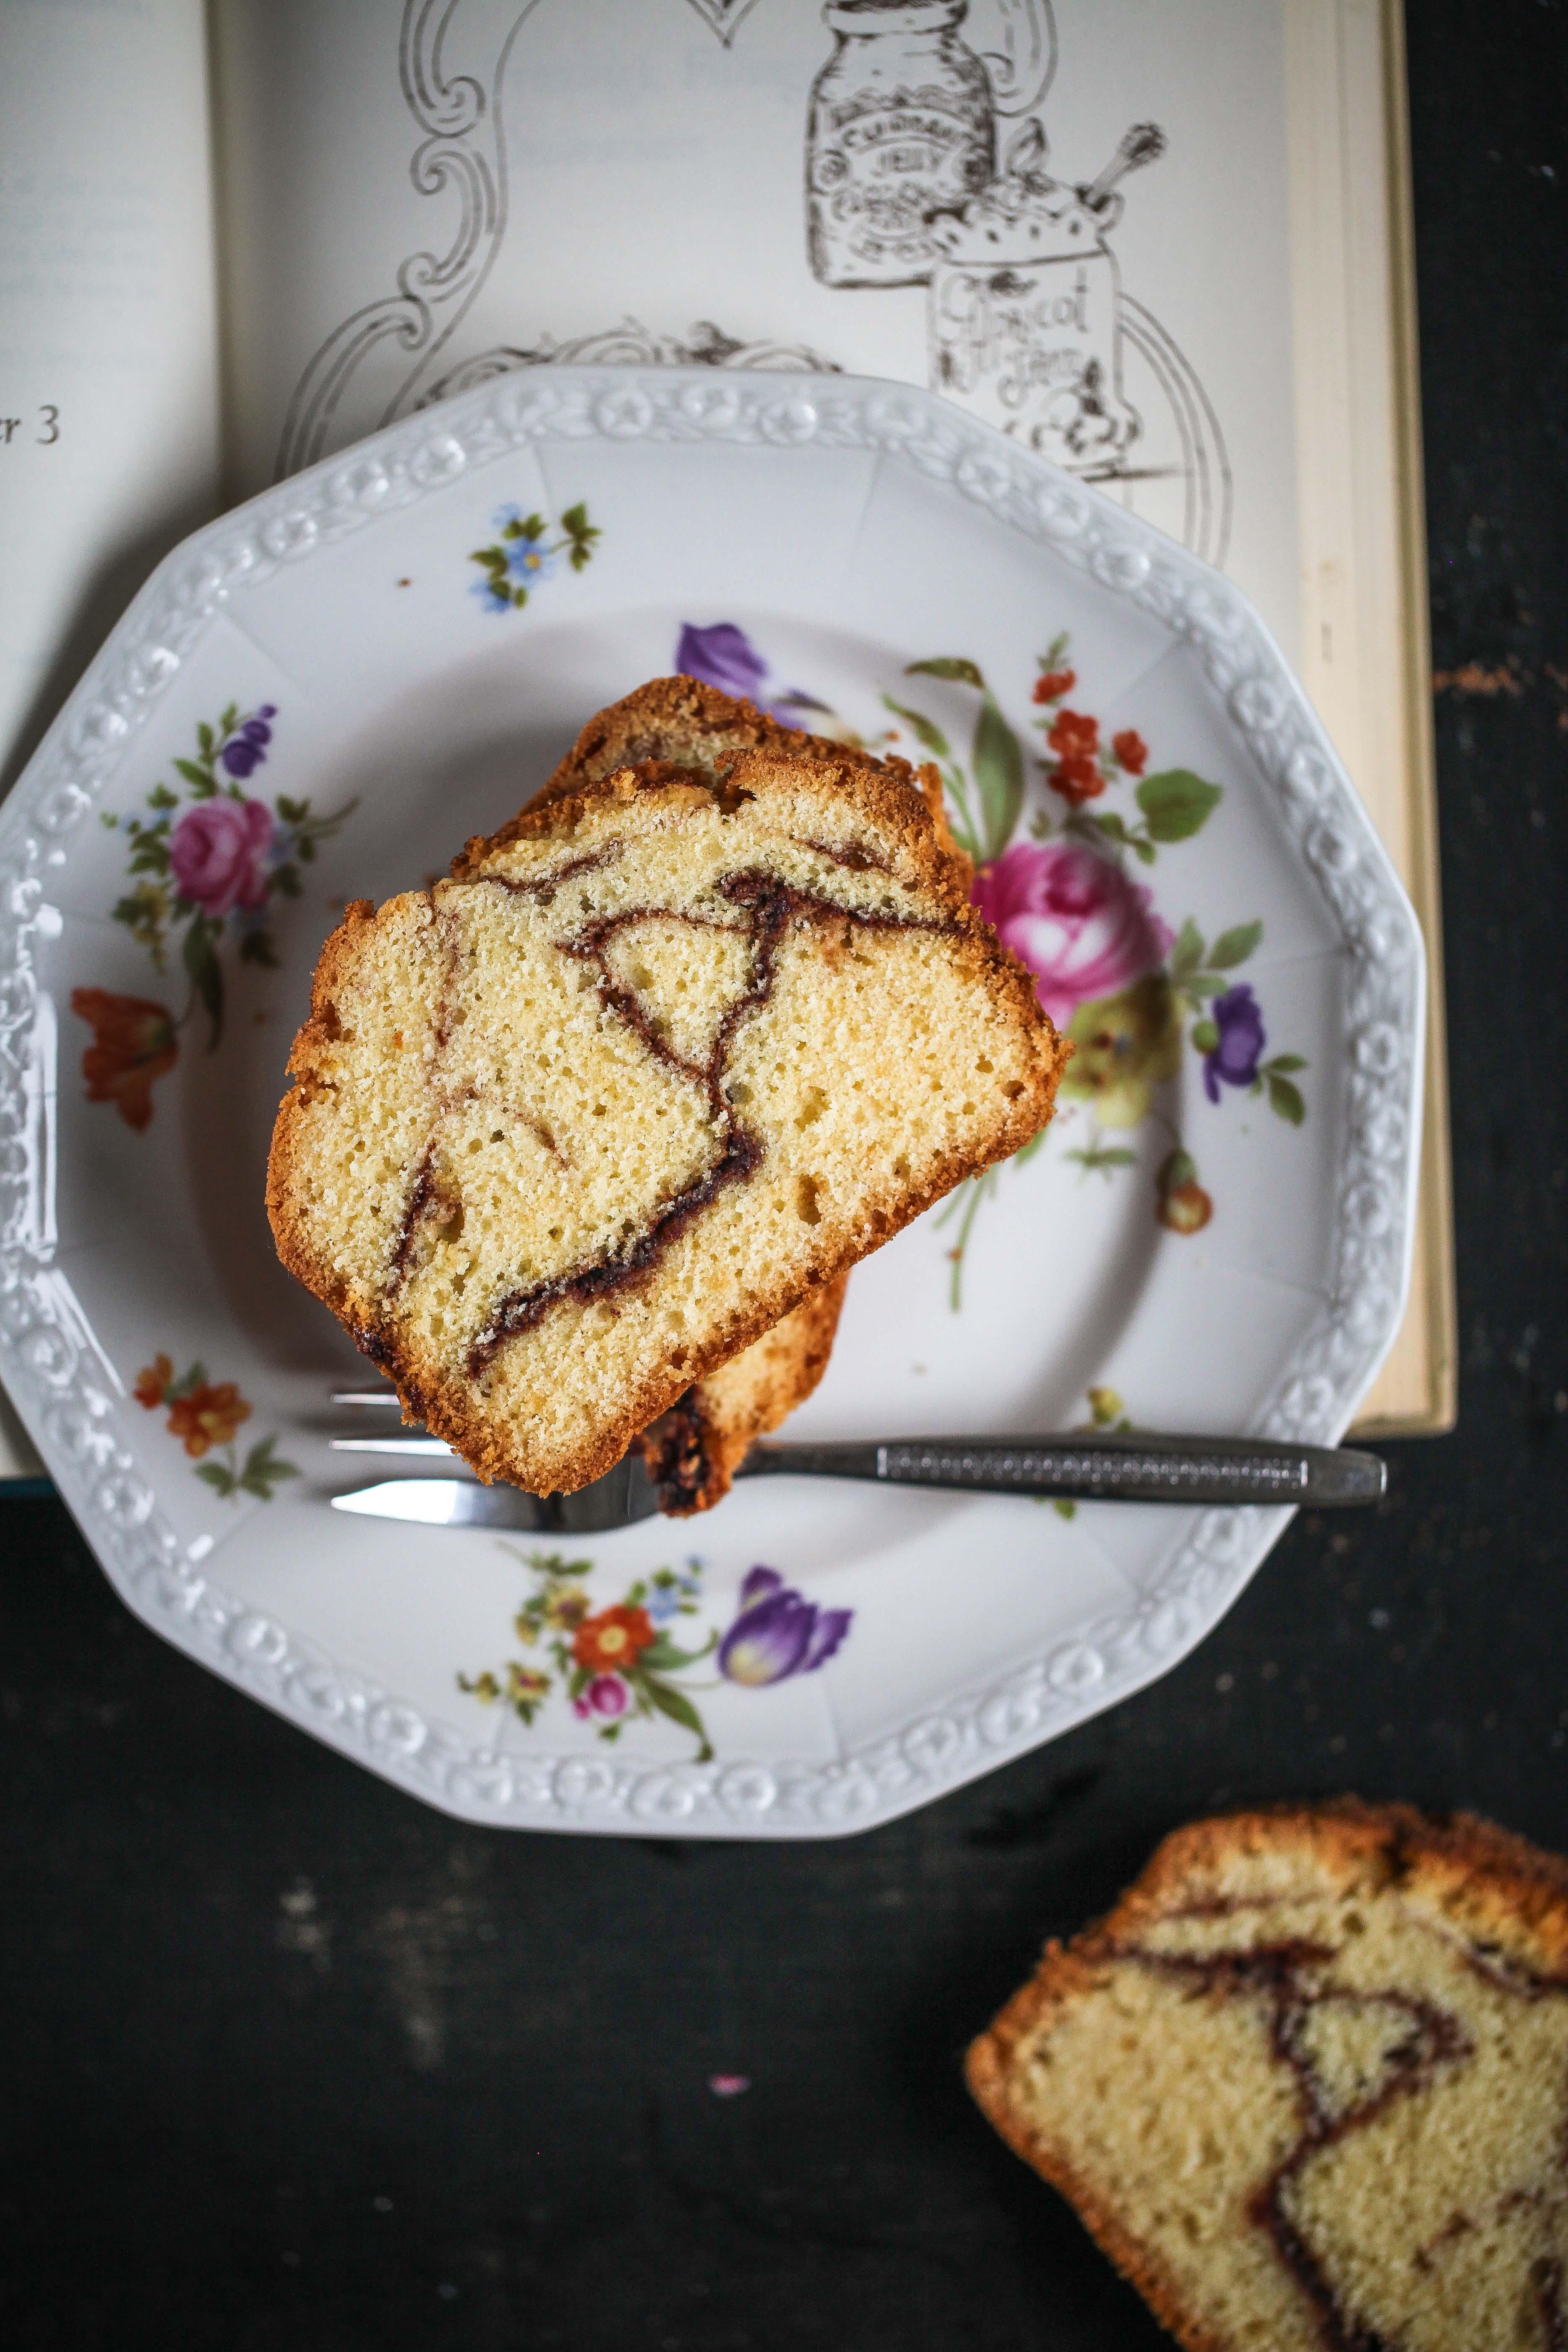 Rezept Zimtschneckenkuchen Zimtschnecke Rührkuchen Kastenkuchen Zuckerzimtundliebe Foodblog Backblog einfacher Kuchen zimtkuchen Cinnamon swirl loaf_-9